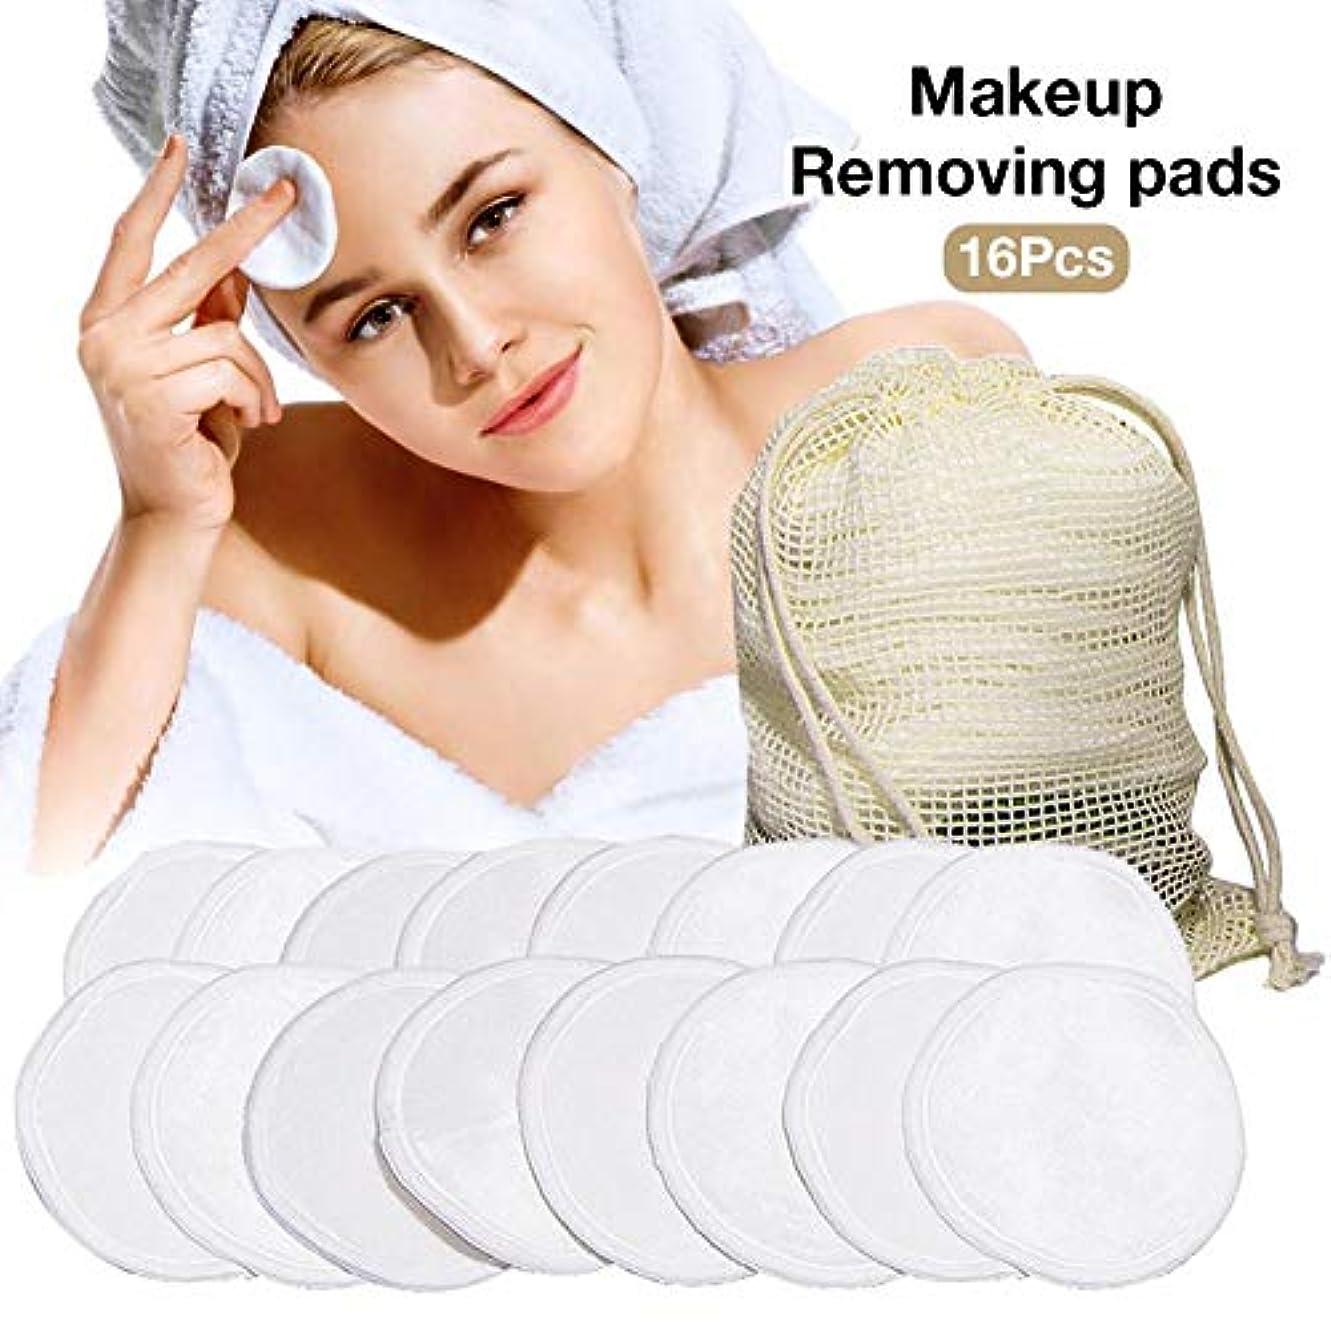 ぺディカブパンライブAllrightip コットンパッド、再利用可能なメイクアップパッド、ランドリーバッグが付いている16の再利用可能なコットンパッドのパック、洗えるメイクアップリムーバーコットンパッドすべての肌タイプのエコフレンドリーな顔布 for